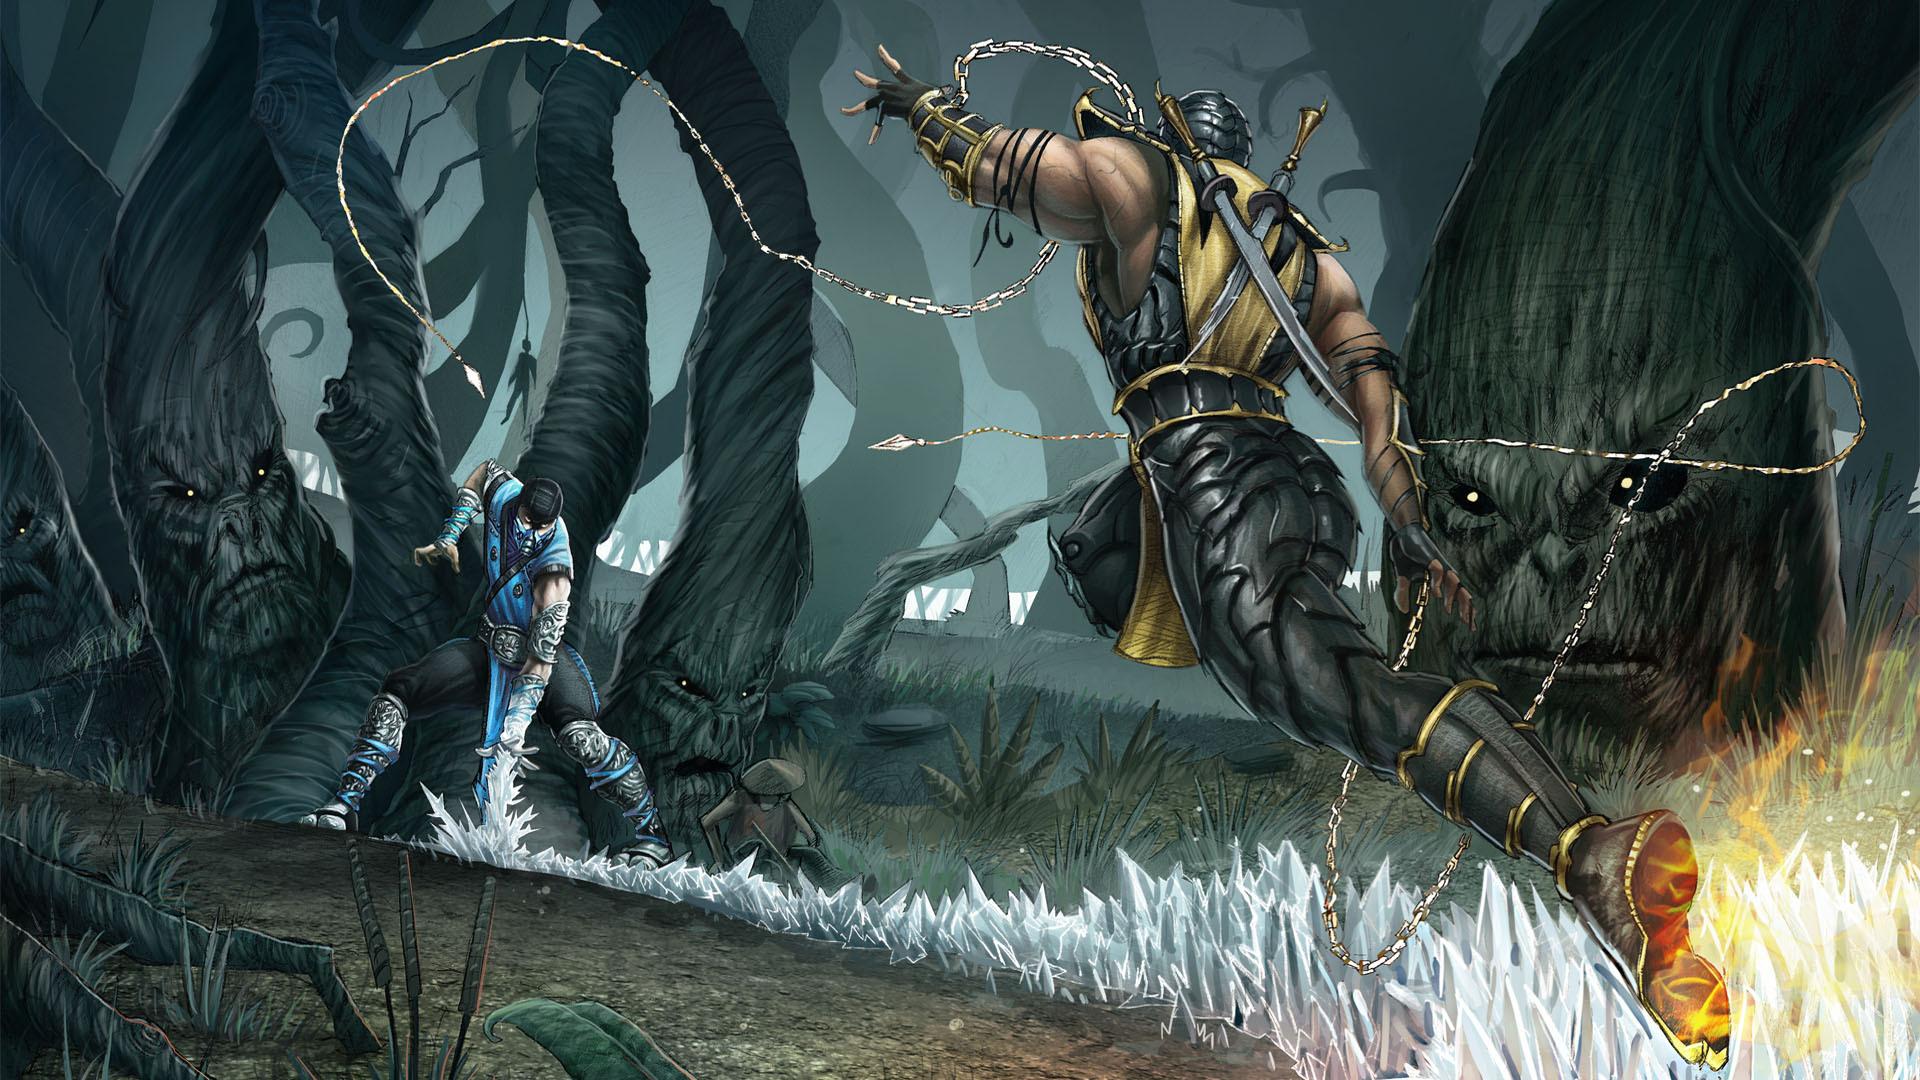 Tags: Anime, Mortal Kombat, Scorpion (Mortal Kombat), Sub-zero, Nature ...